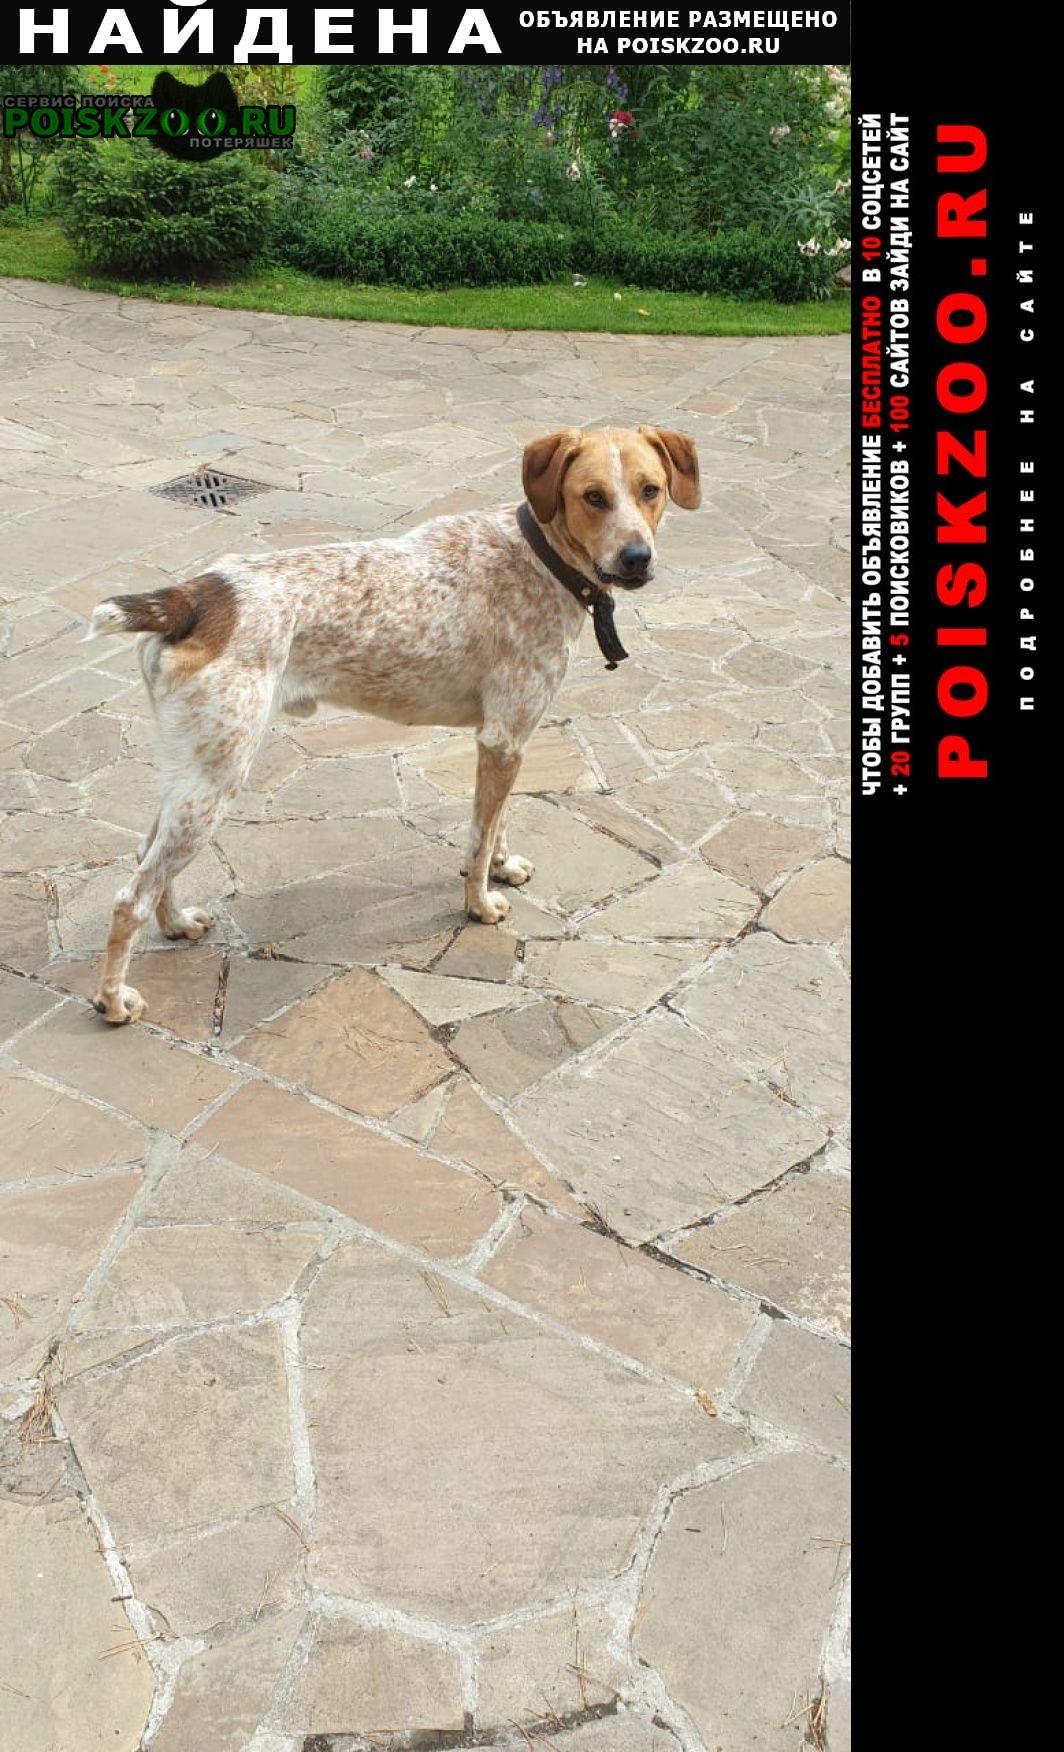 Найдена собака кобель Раменское